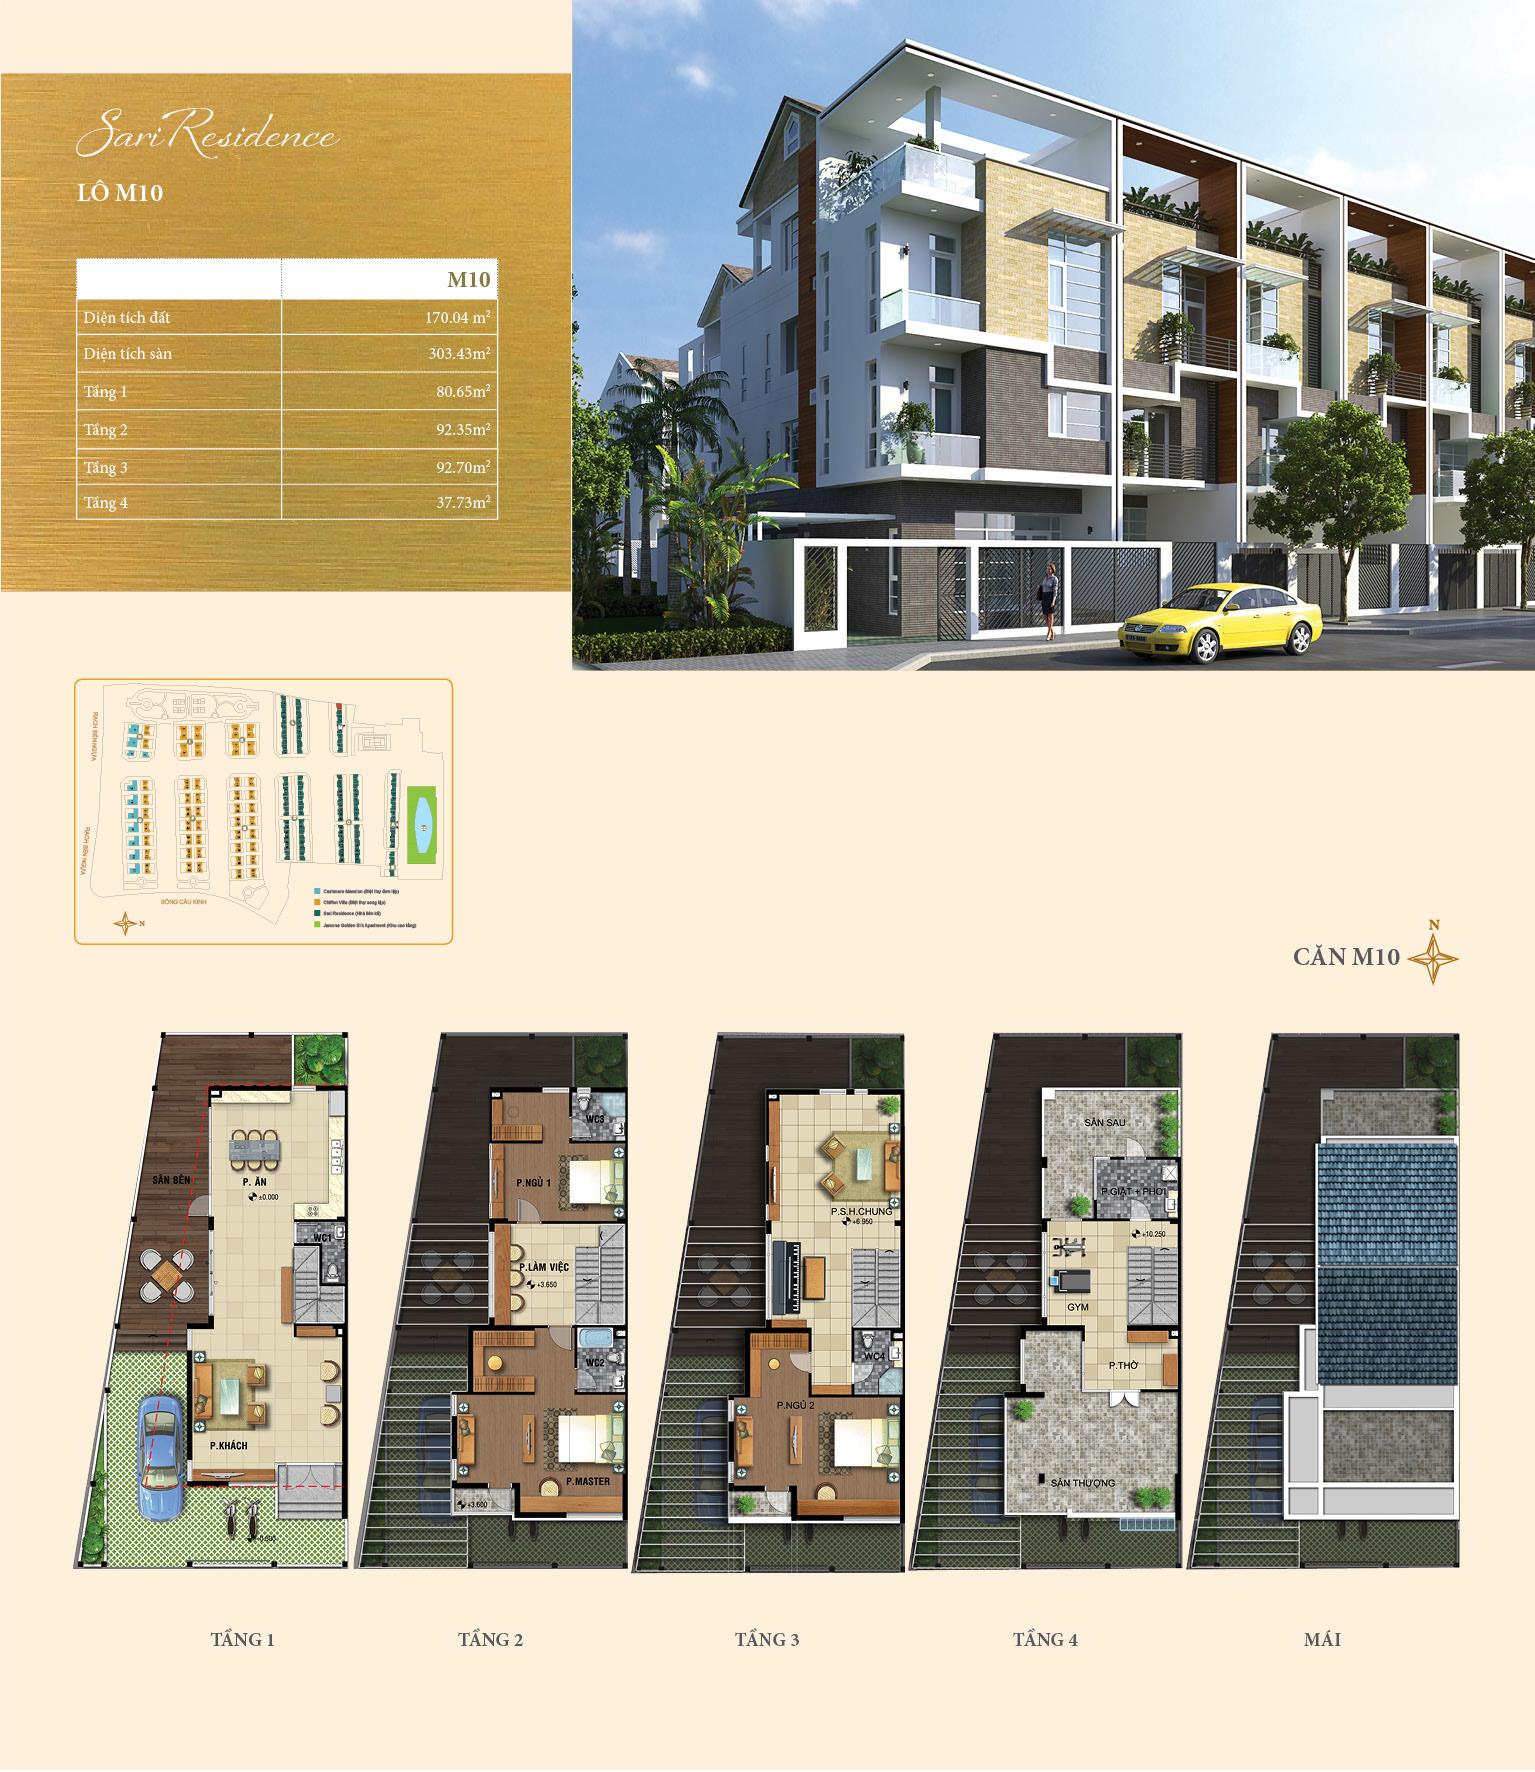 sari-residence-m10